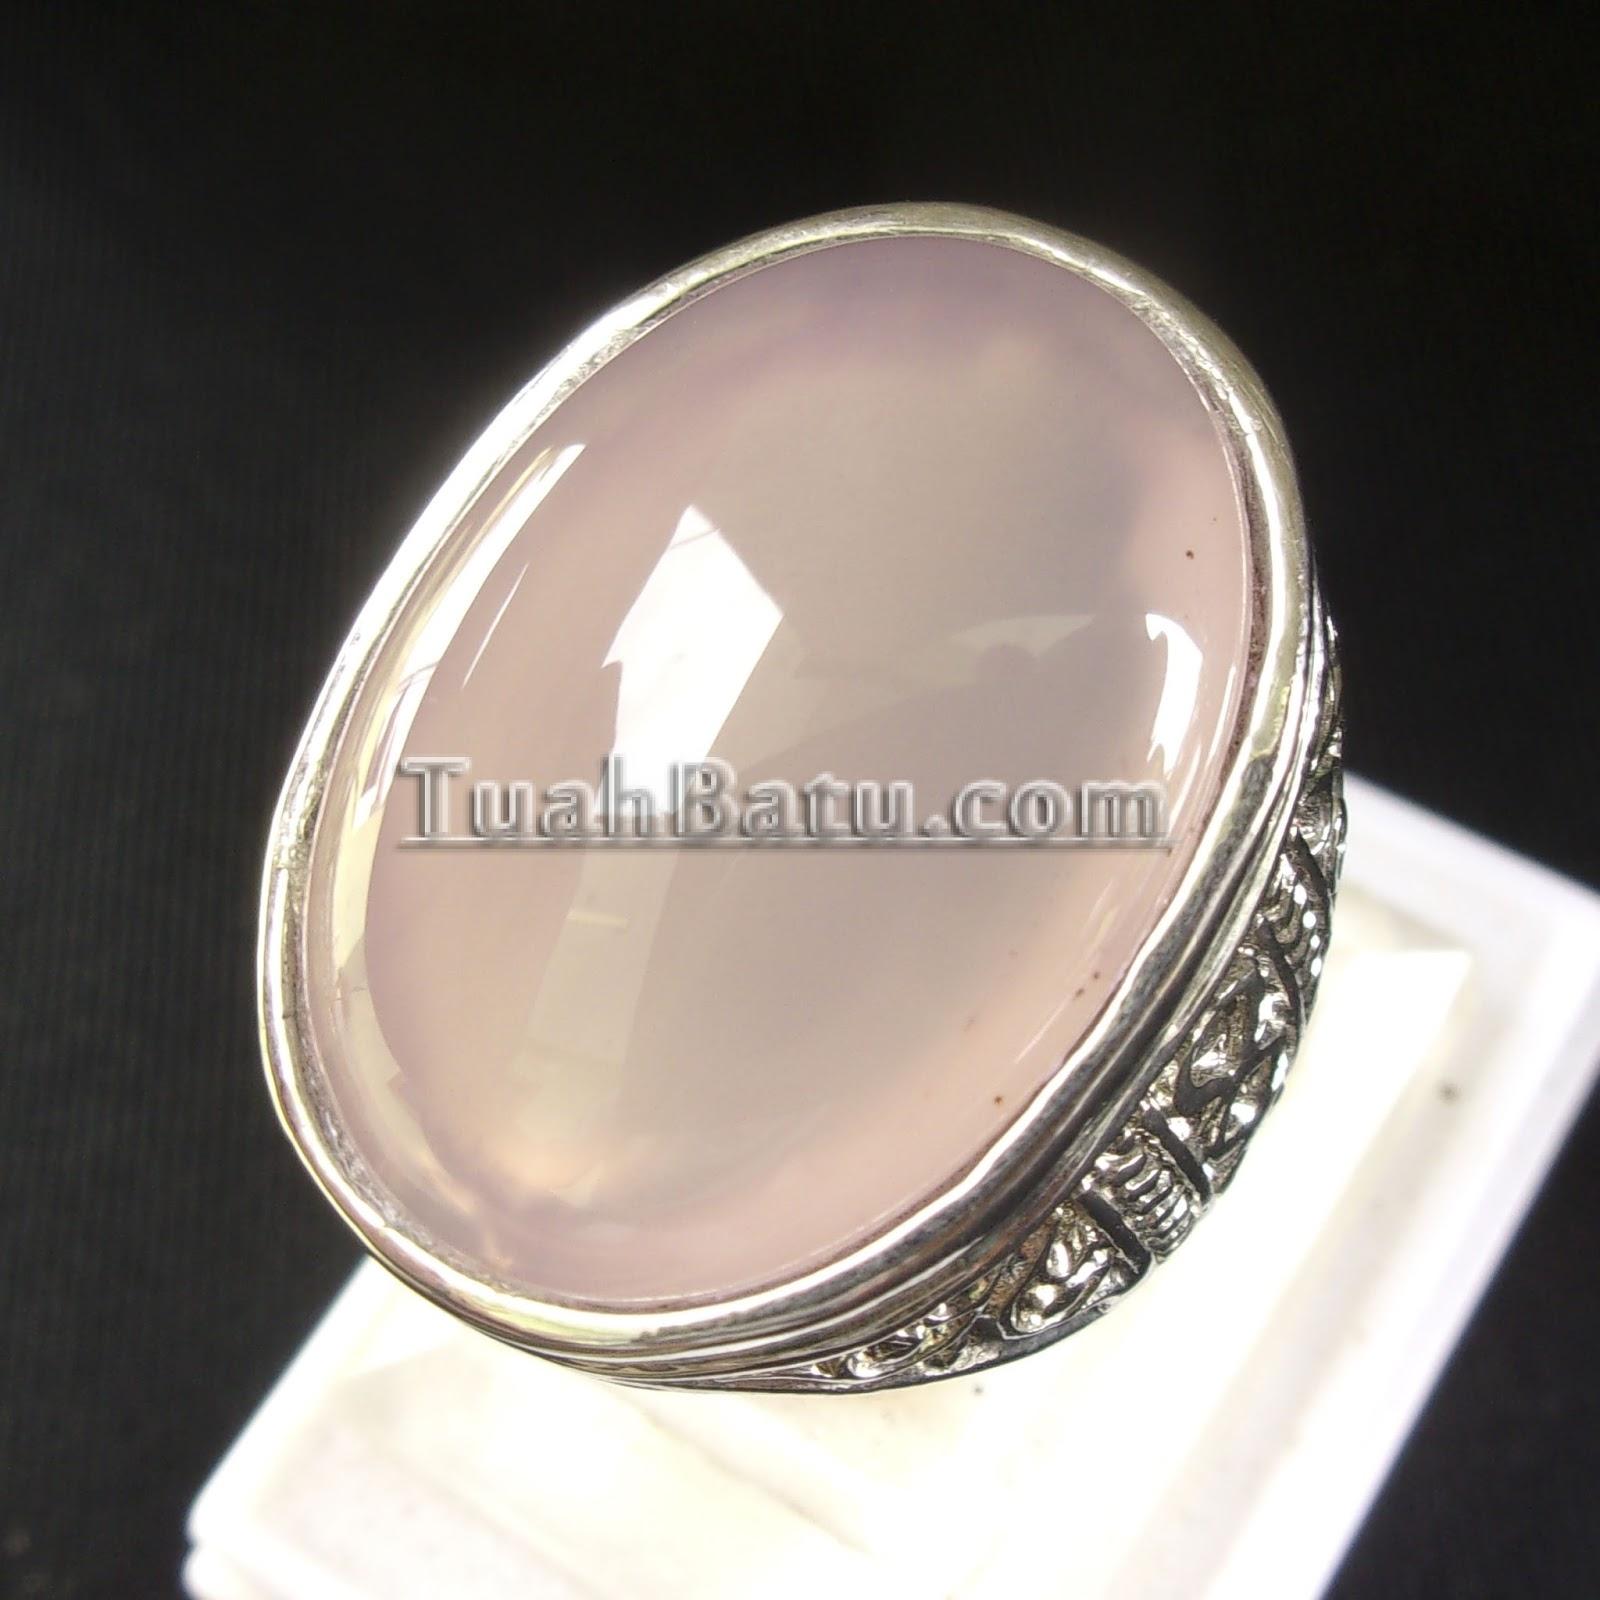 Cincin Mustika Pelet Birahi Ampuh - 181  Tuah Batu Mustika